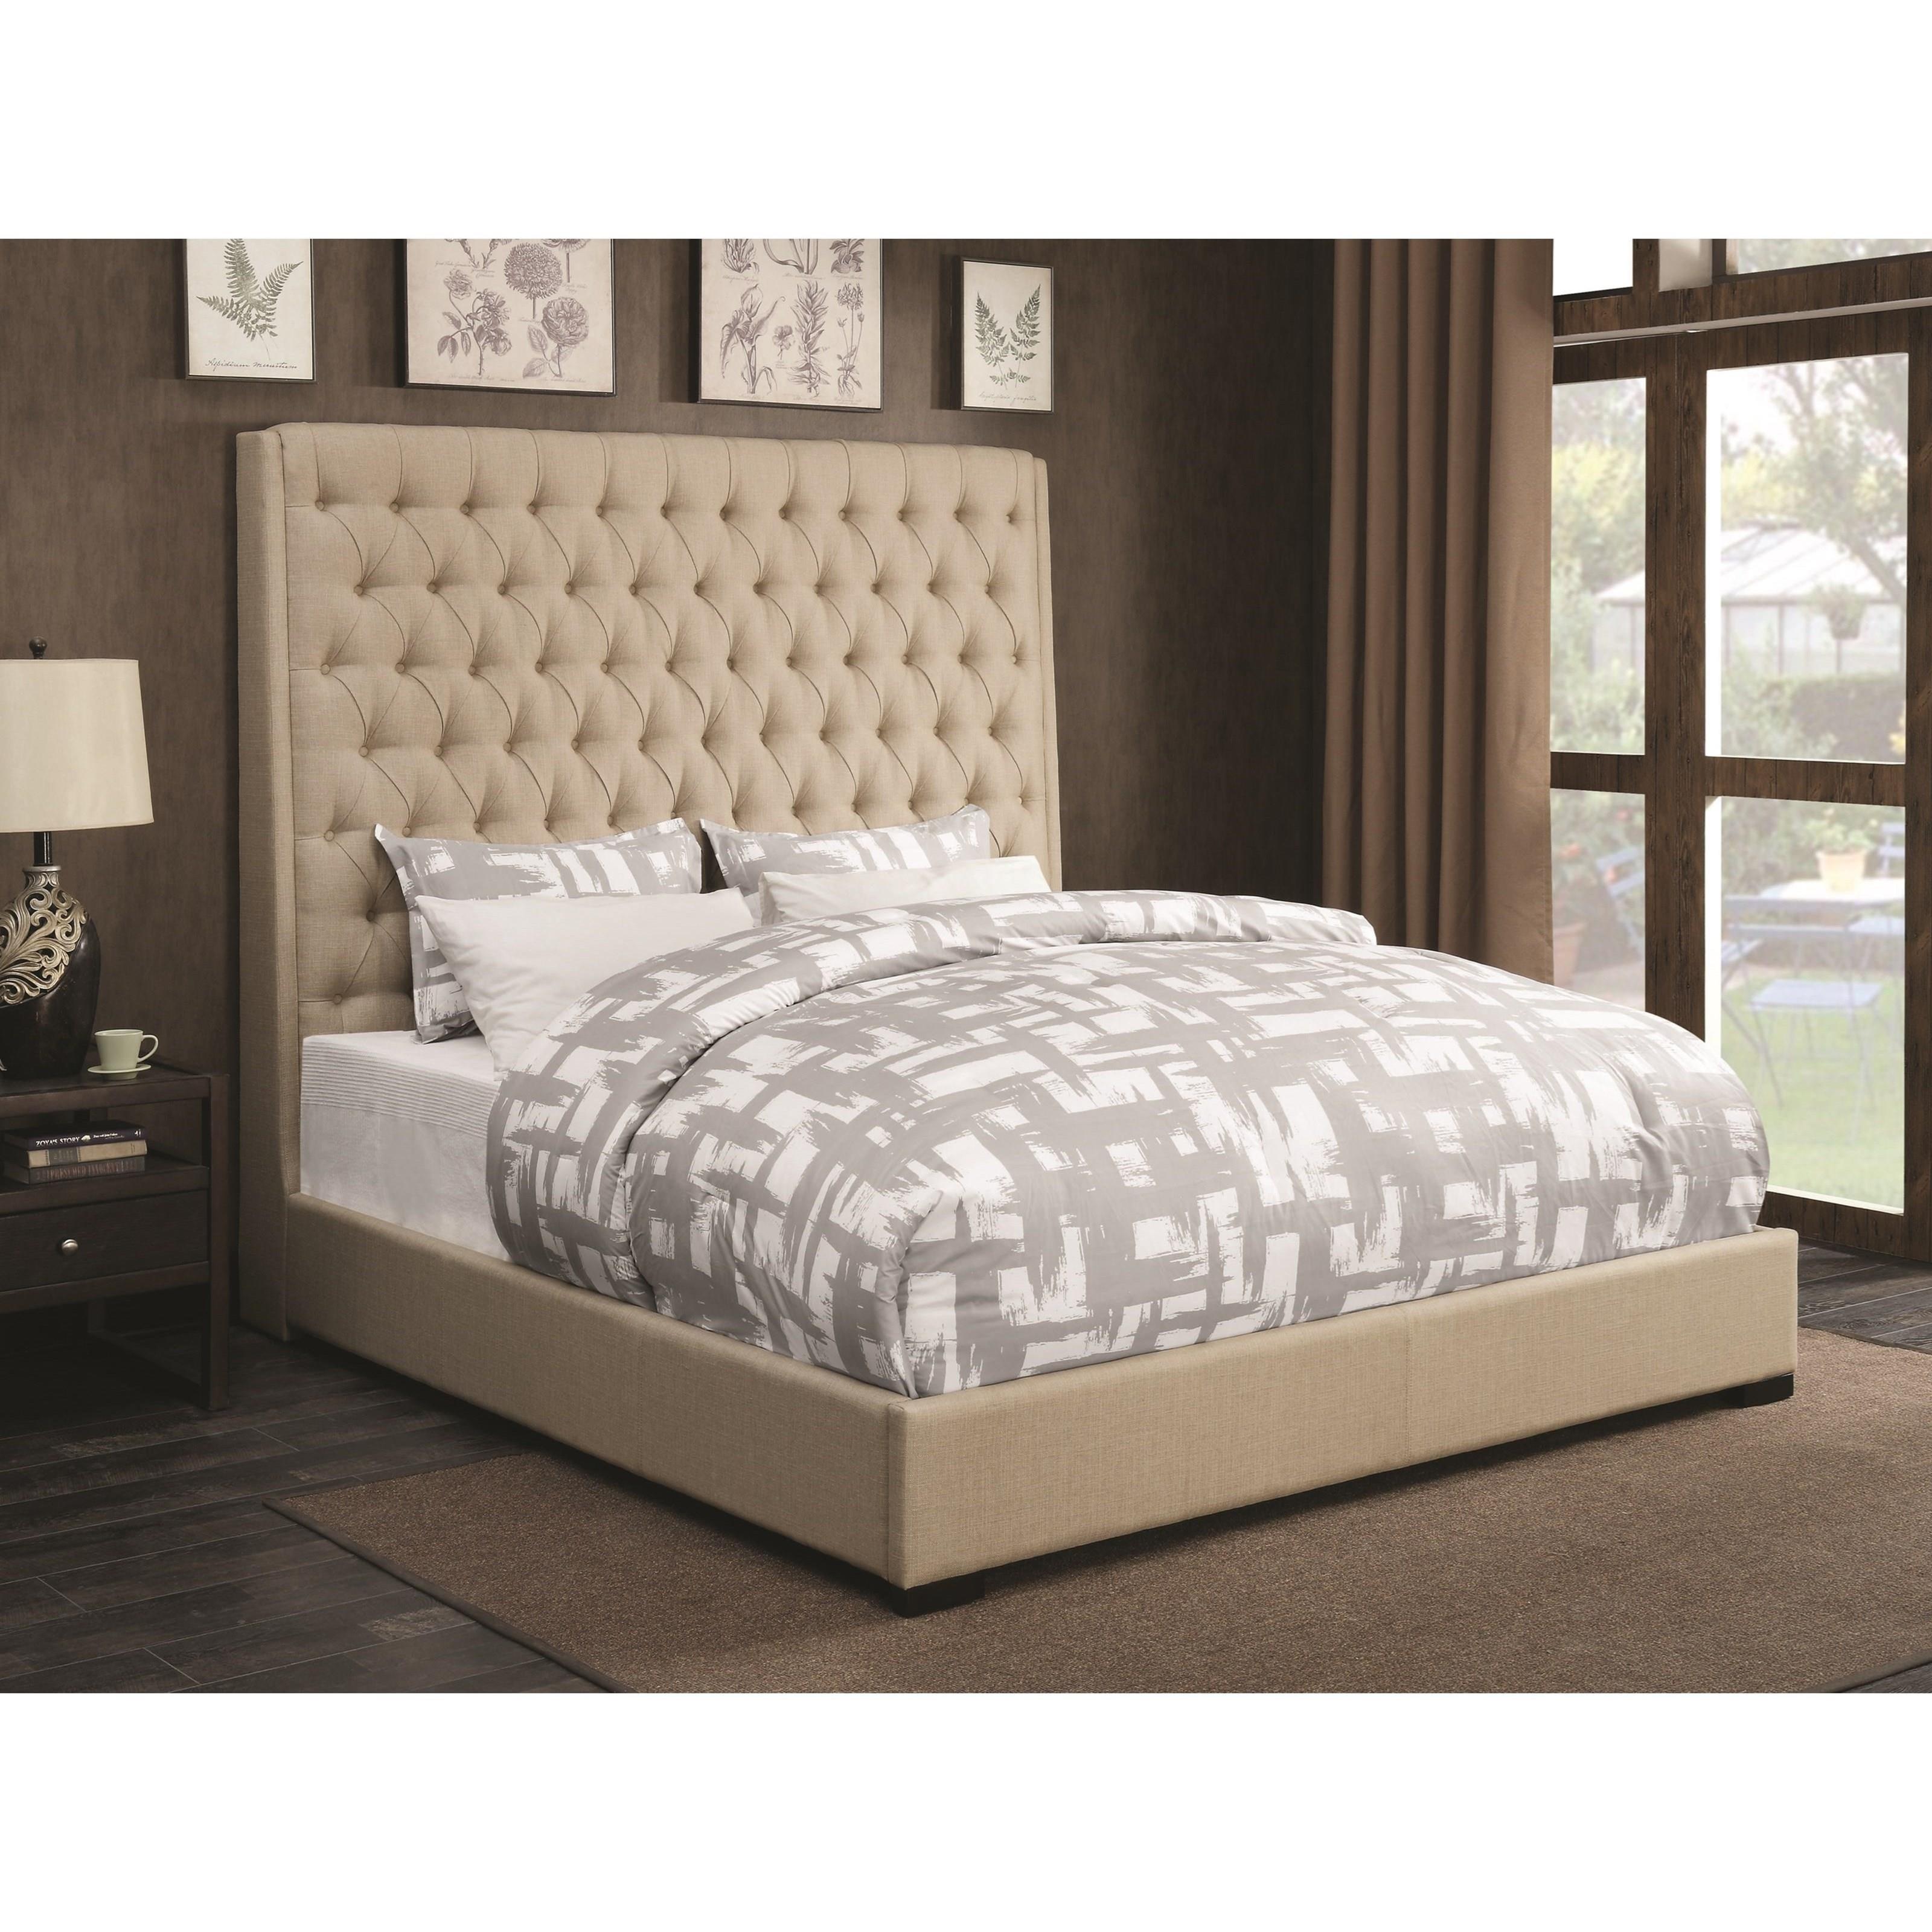 Coaster Upholstered Beds Ke Upholstered King Bed